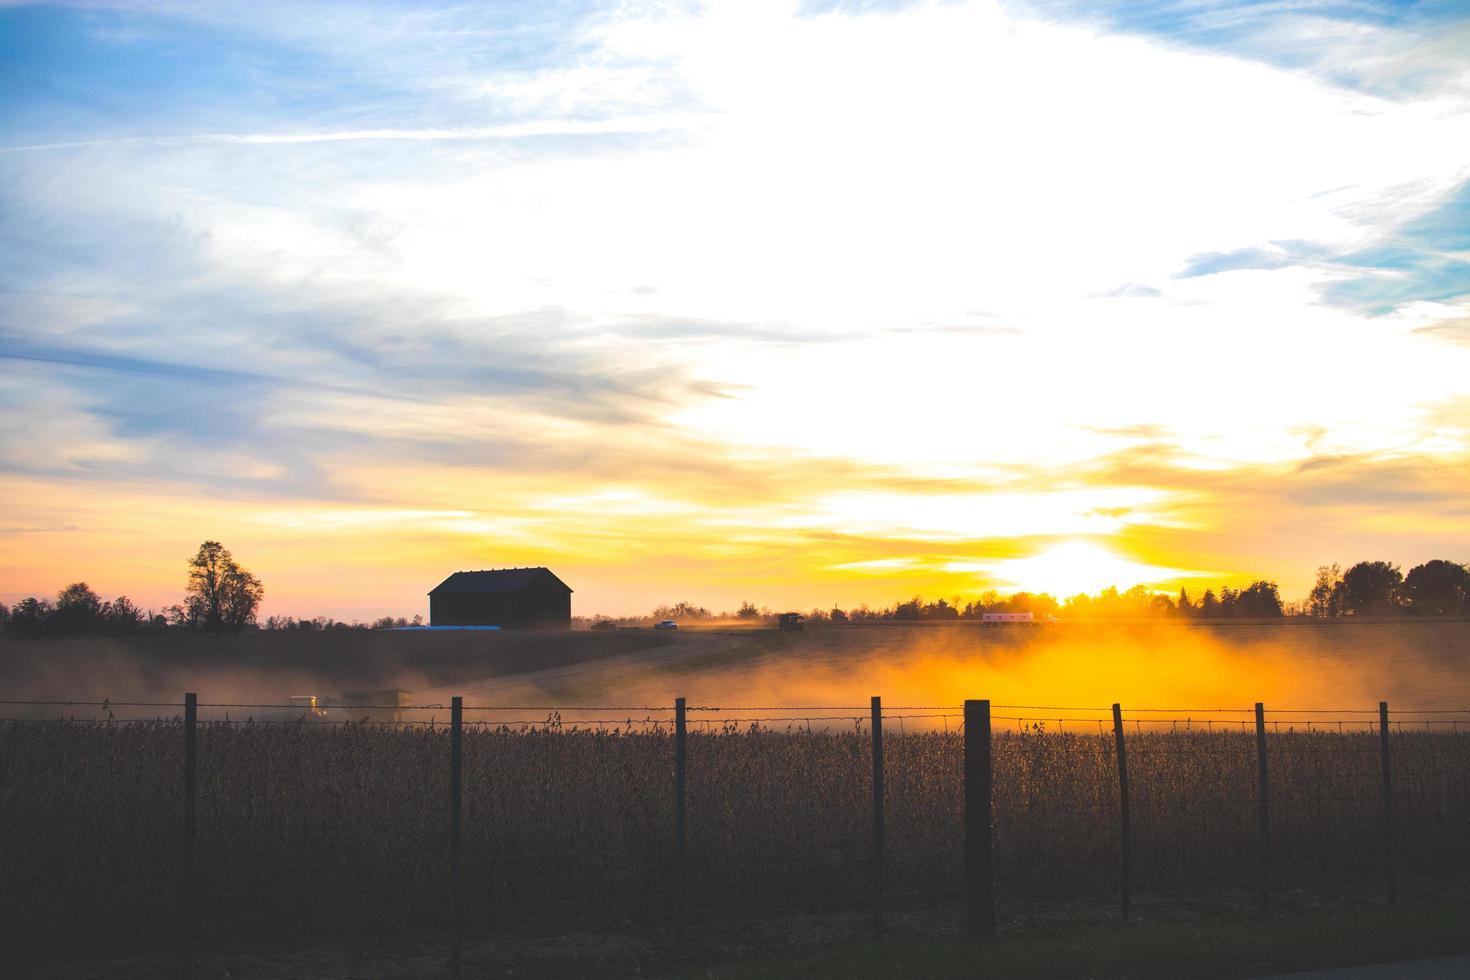 silhouet van schuur tijdens zonsondergang foto